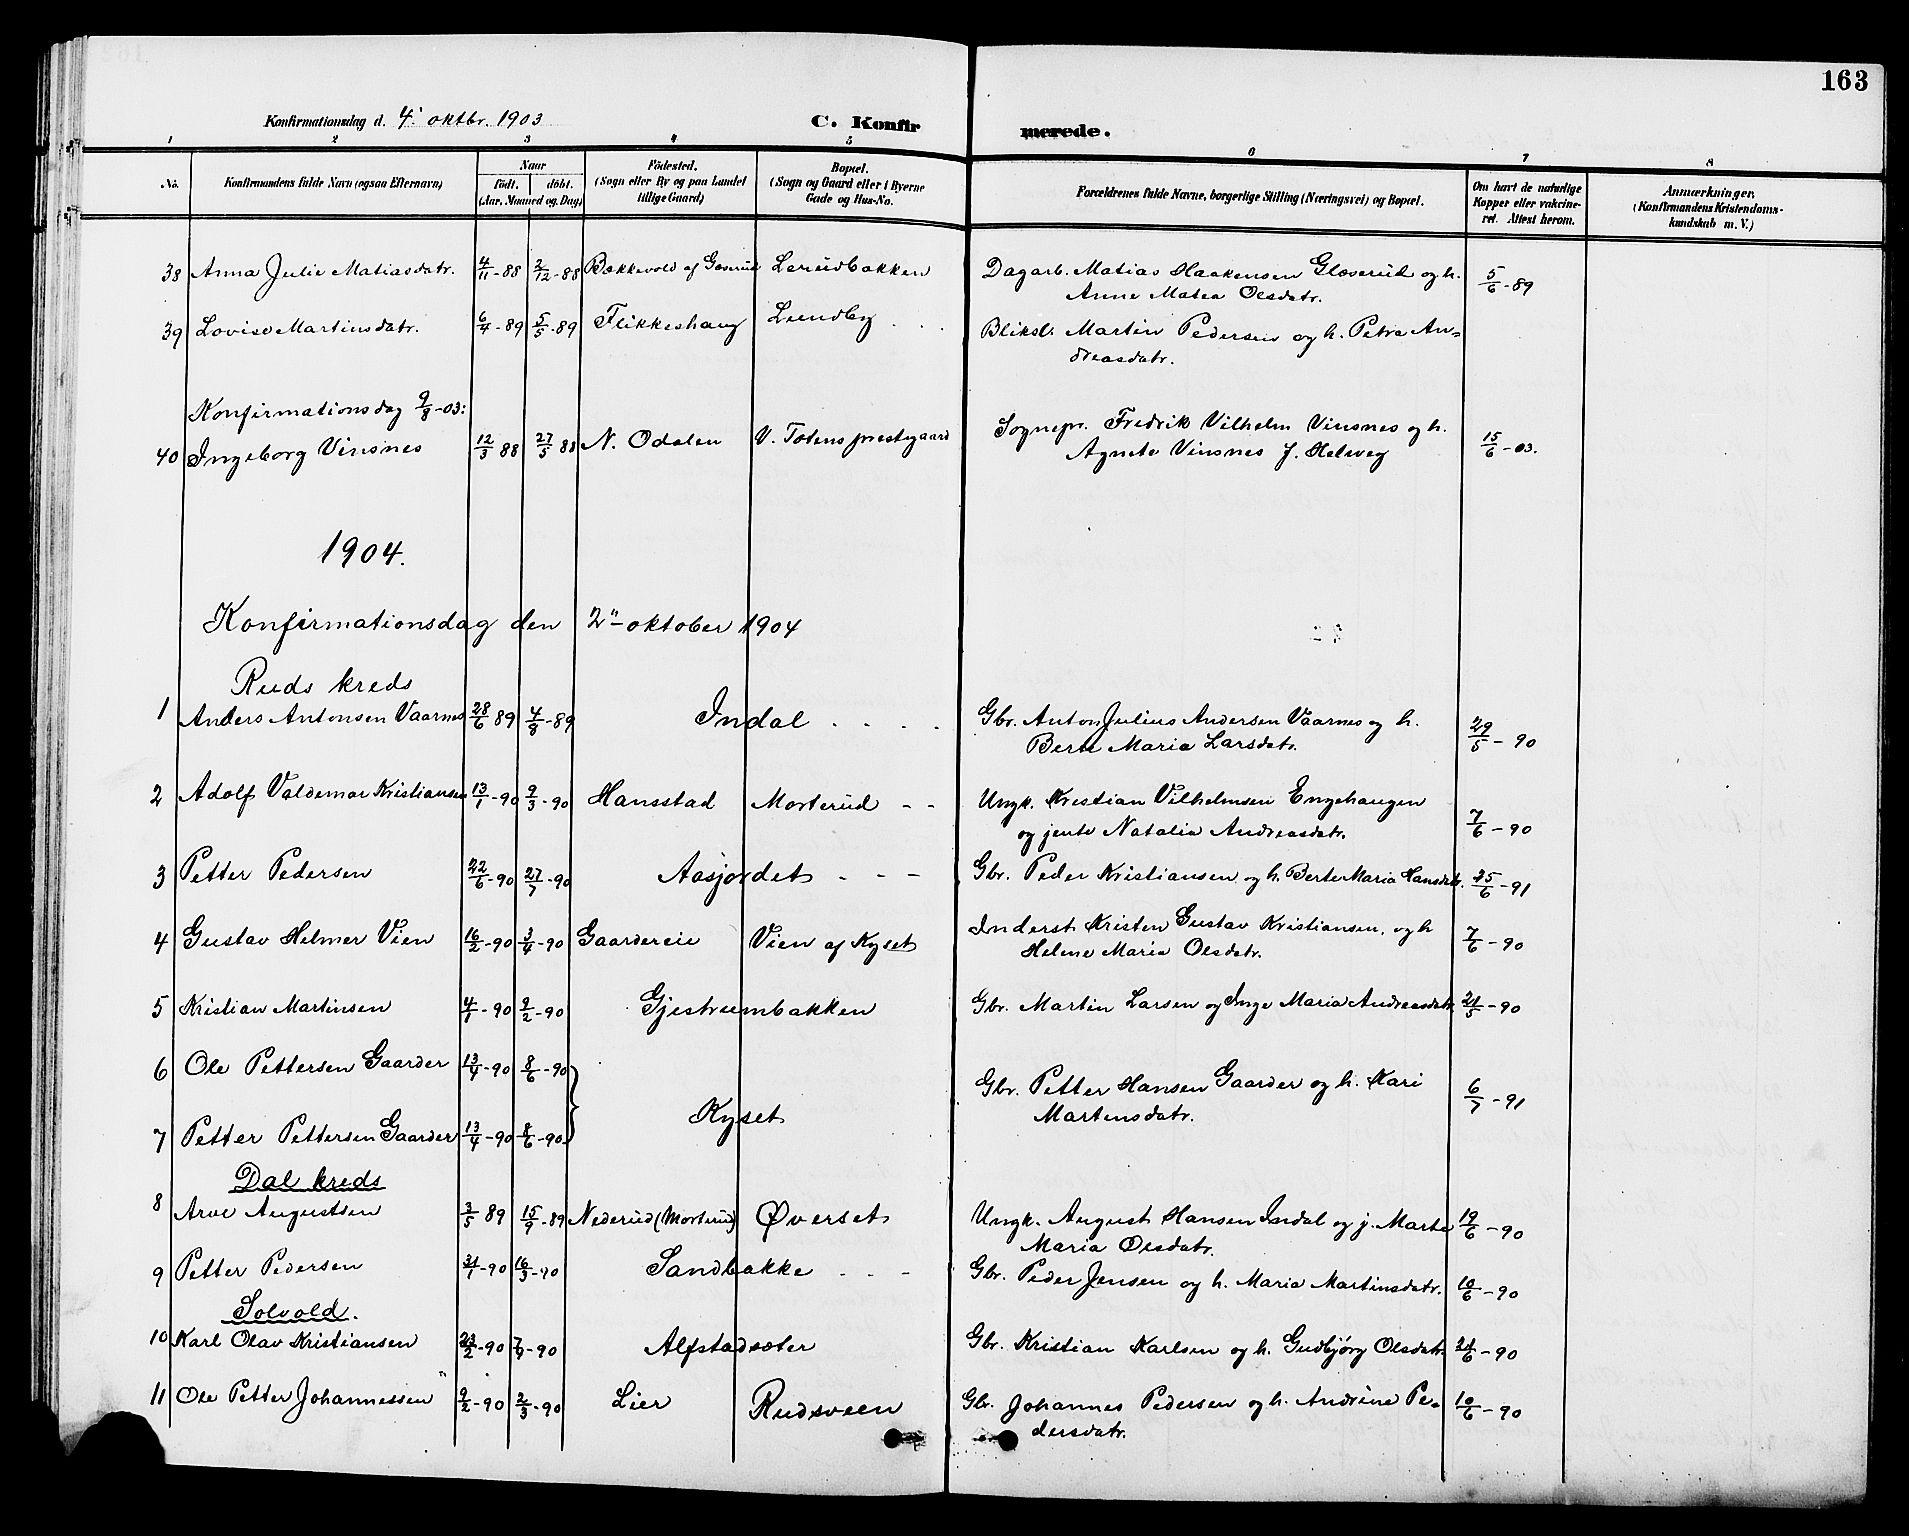 SAH, Vestre Toten prestekontor, H/Ha/Hab/L0010: Klokkerbok nr. 10, 1900-1912, s. 163